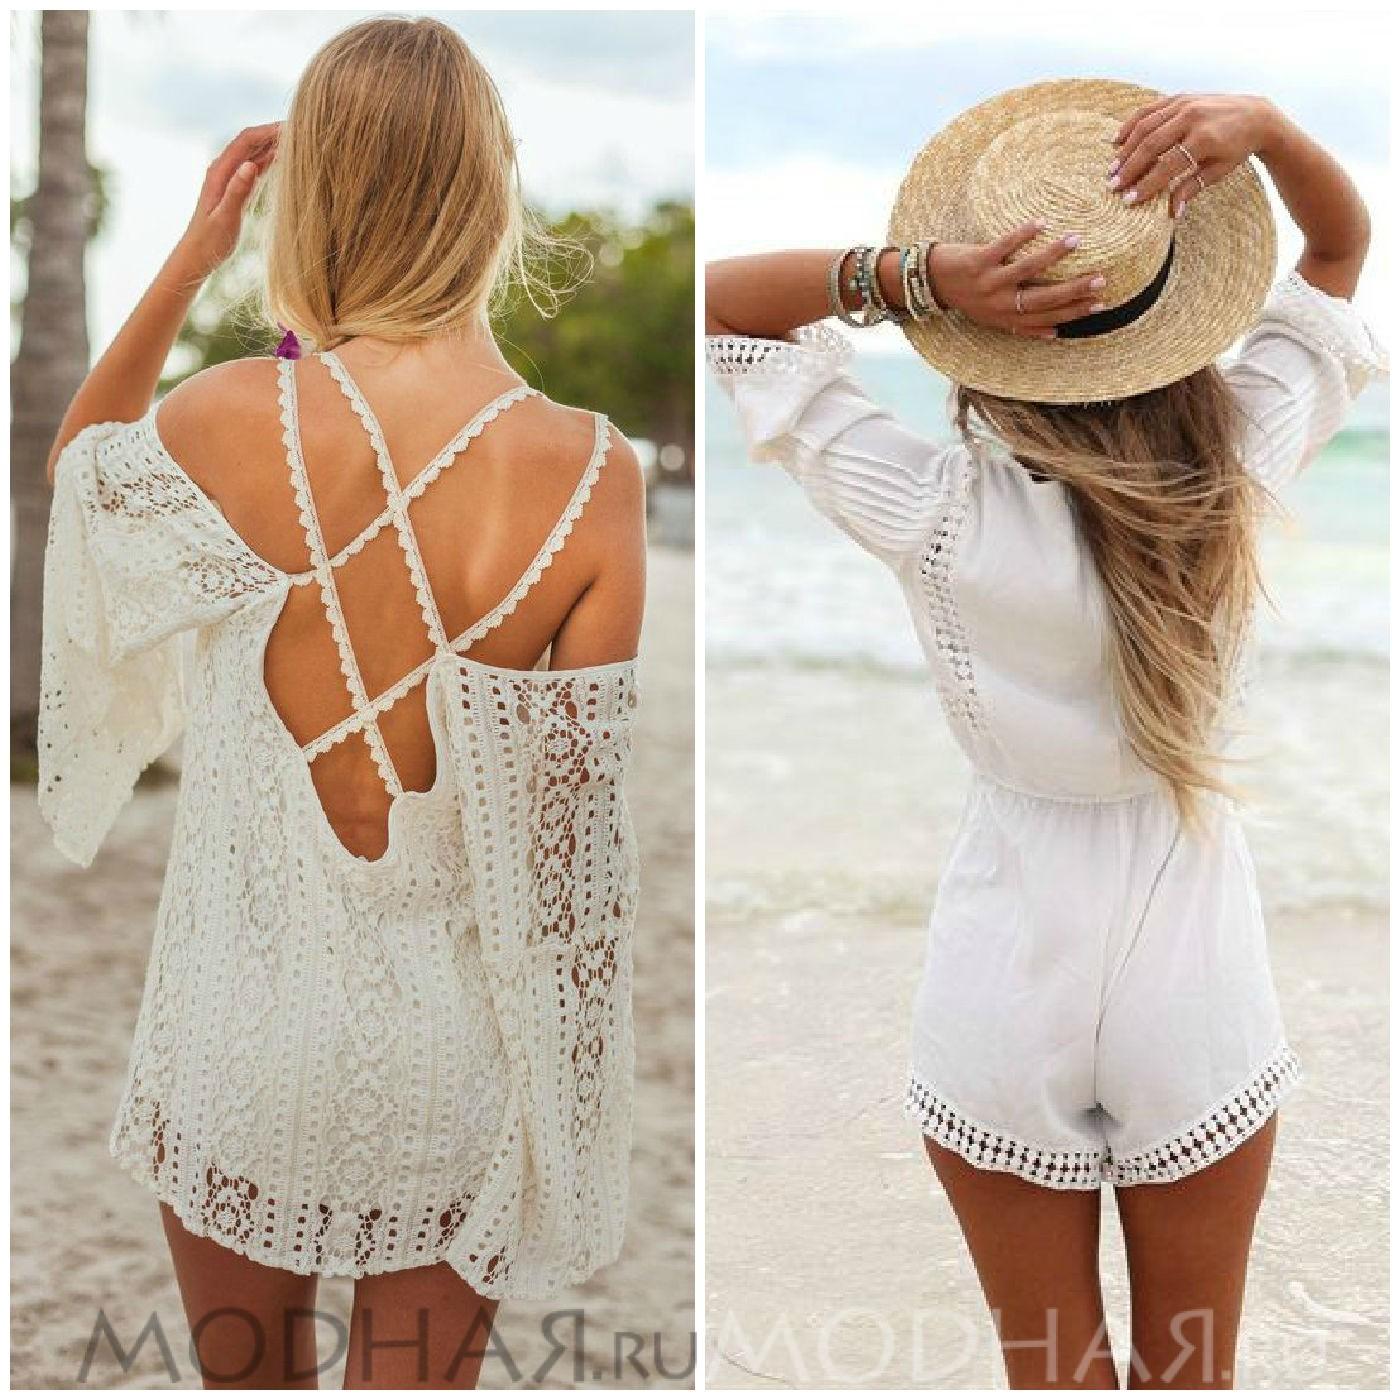 Модные тенденции и летние платья